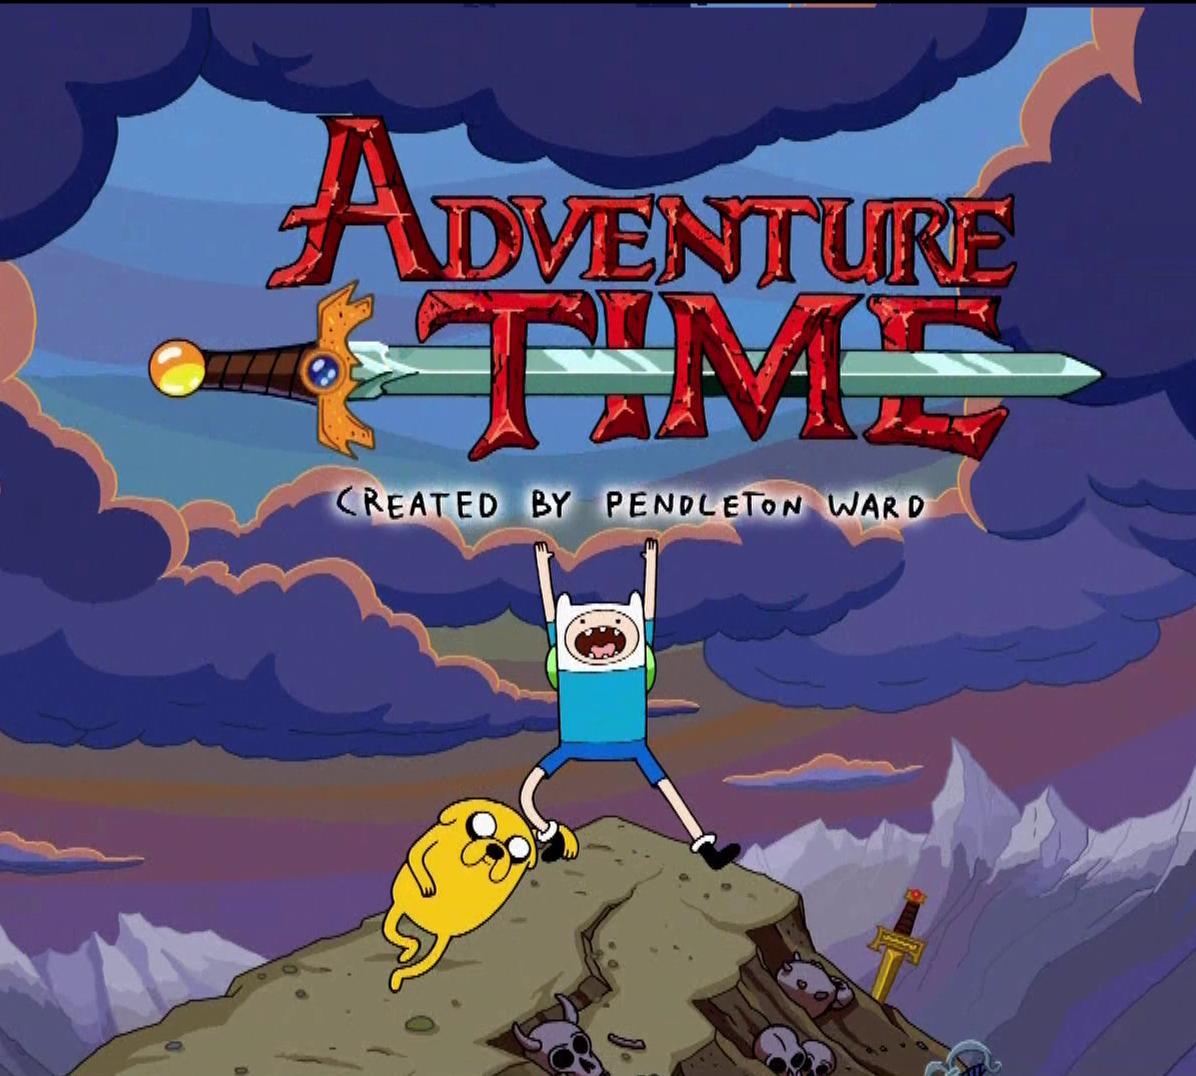 Adventure time no brasil hora de aventura é uma série de desenho